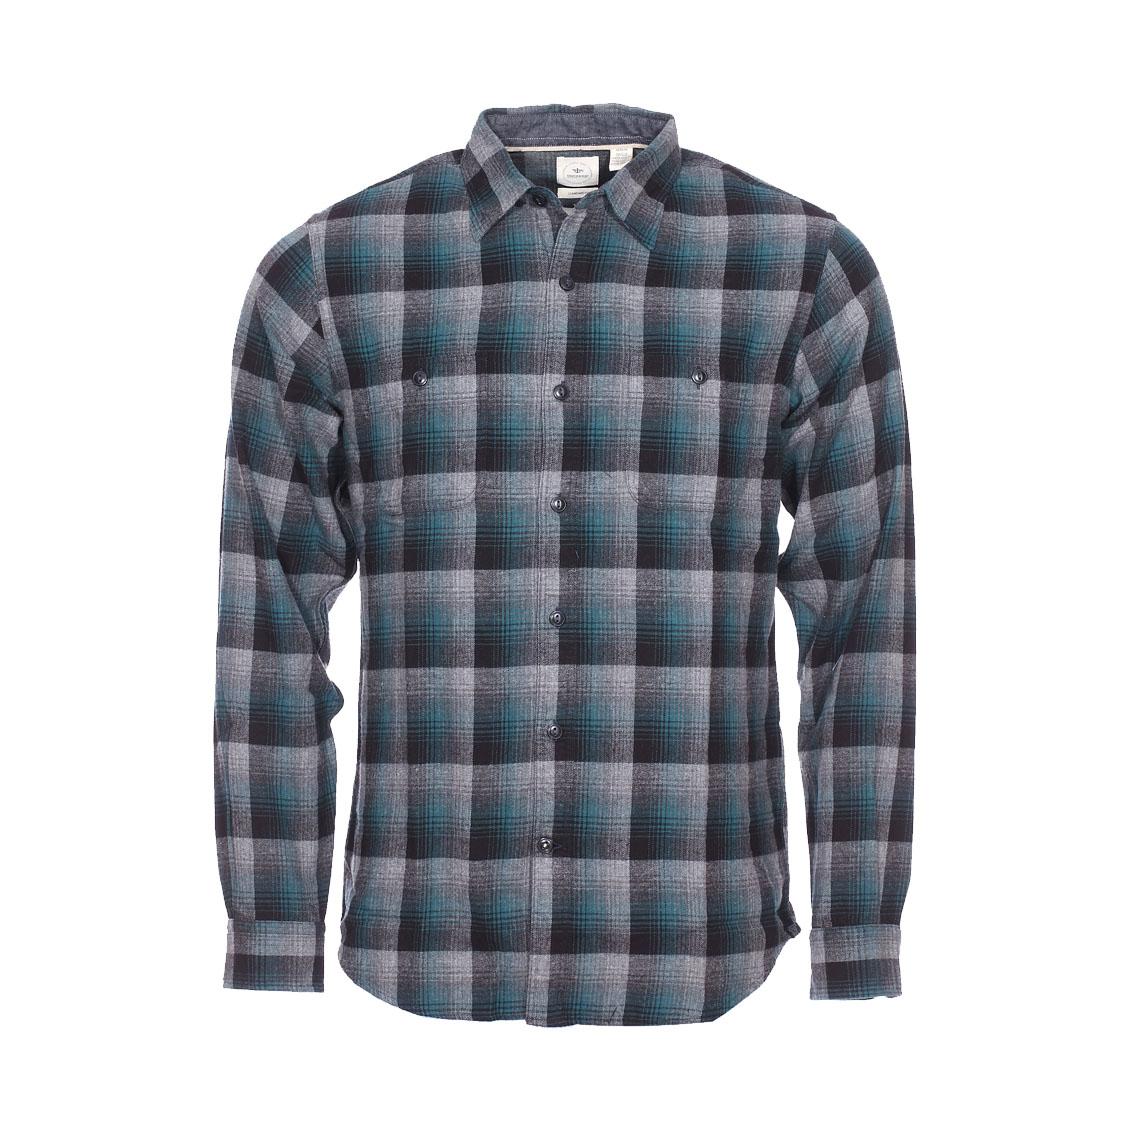 Chemise droite  en flanelle à carreaux gris, noirs et verts